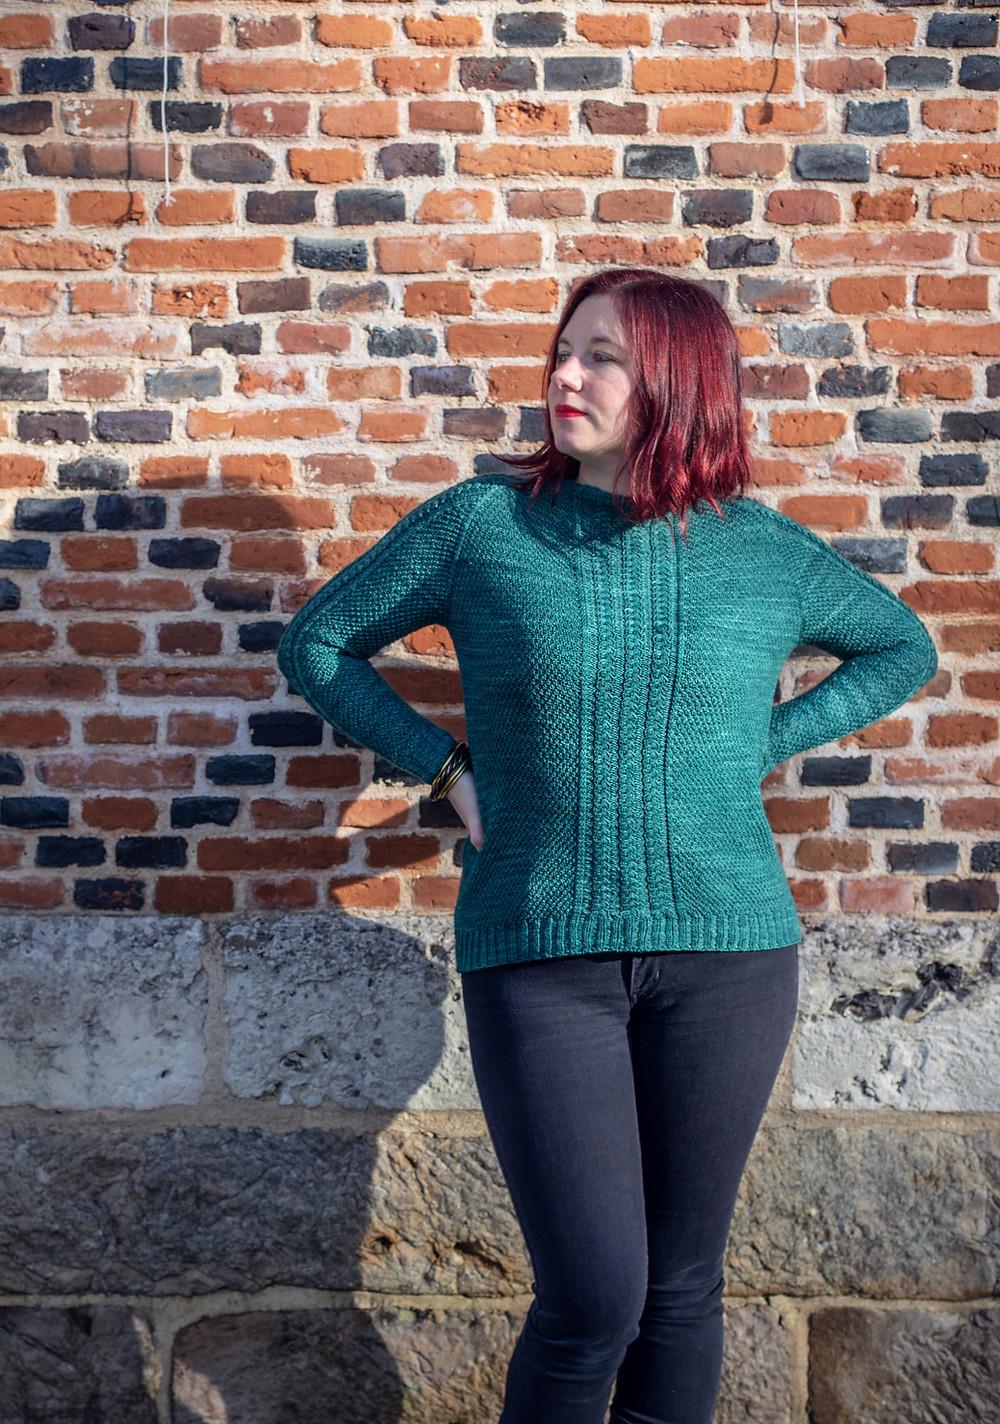 Pull Suchus pour femme - Tricot par Folie 0rdinaire Design